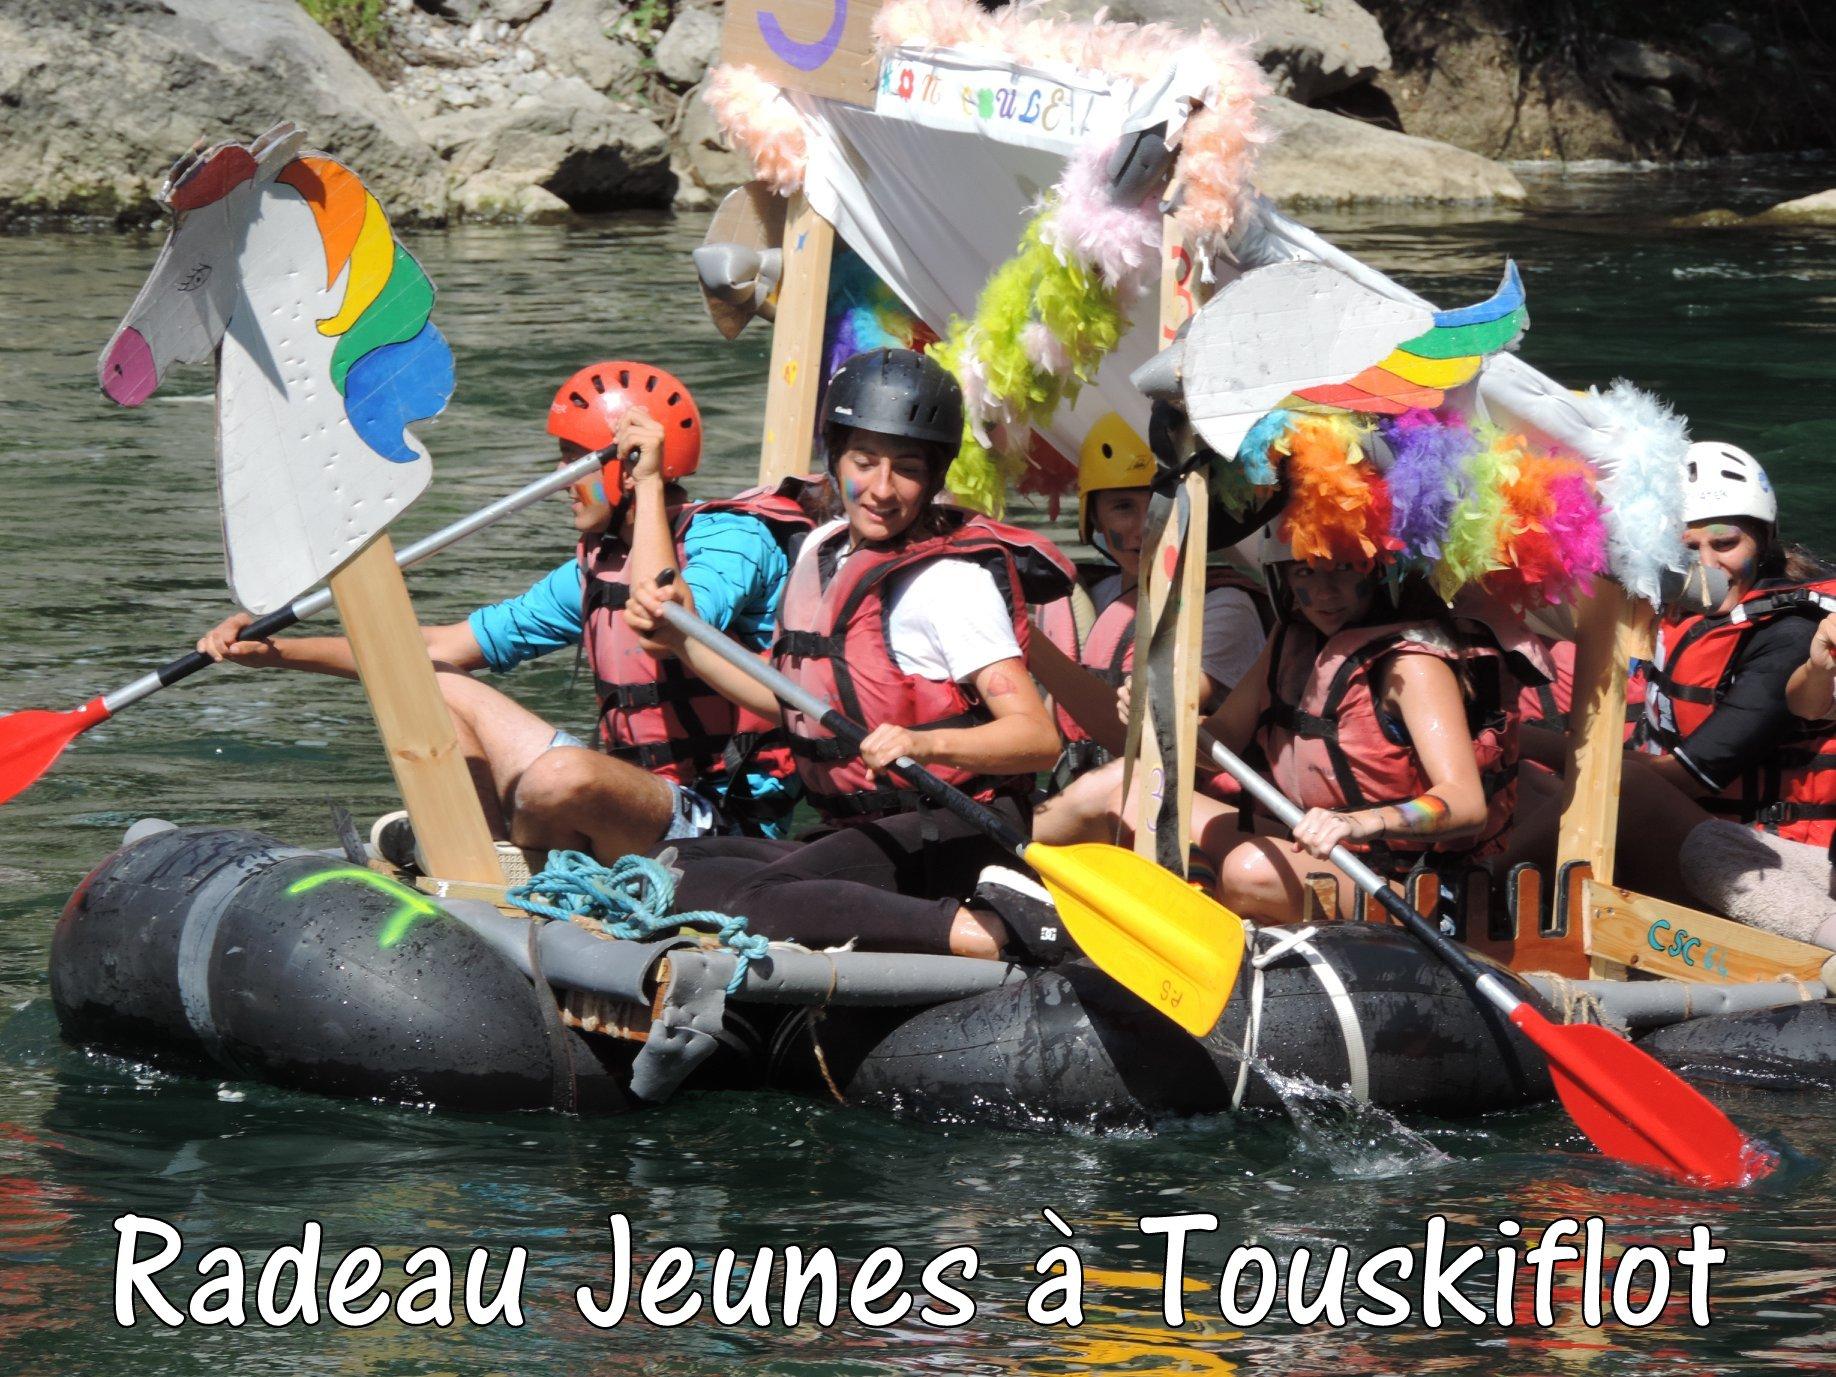 Radeau-Ados-a-Touskiflot